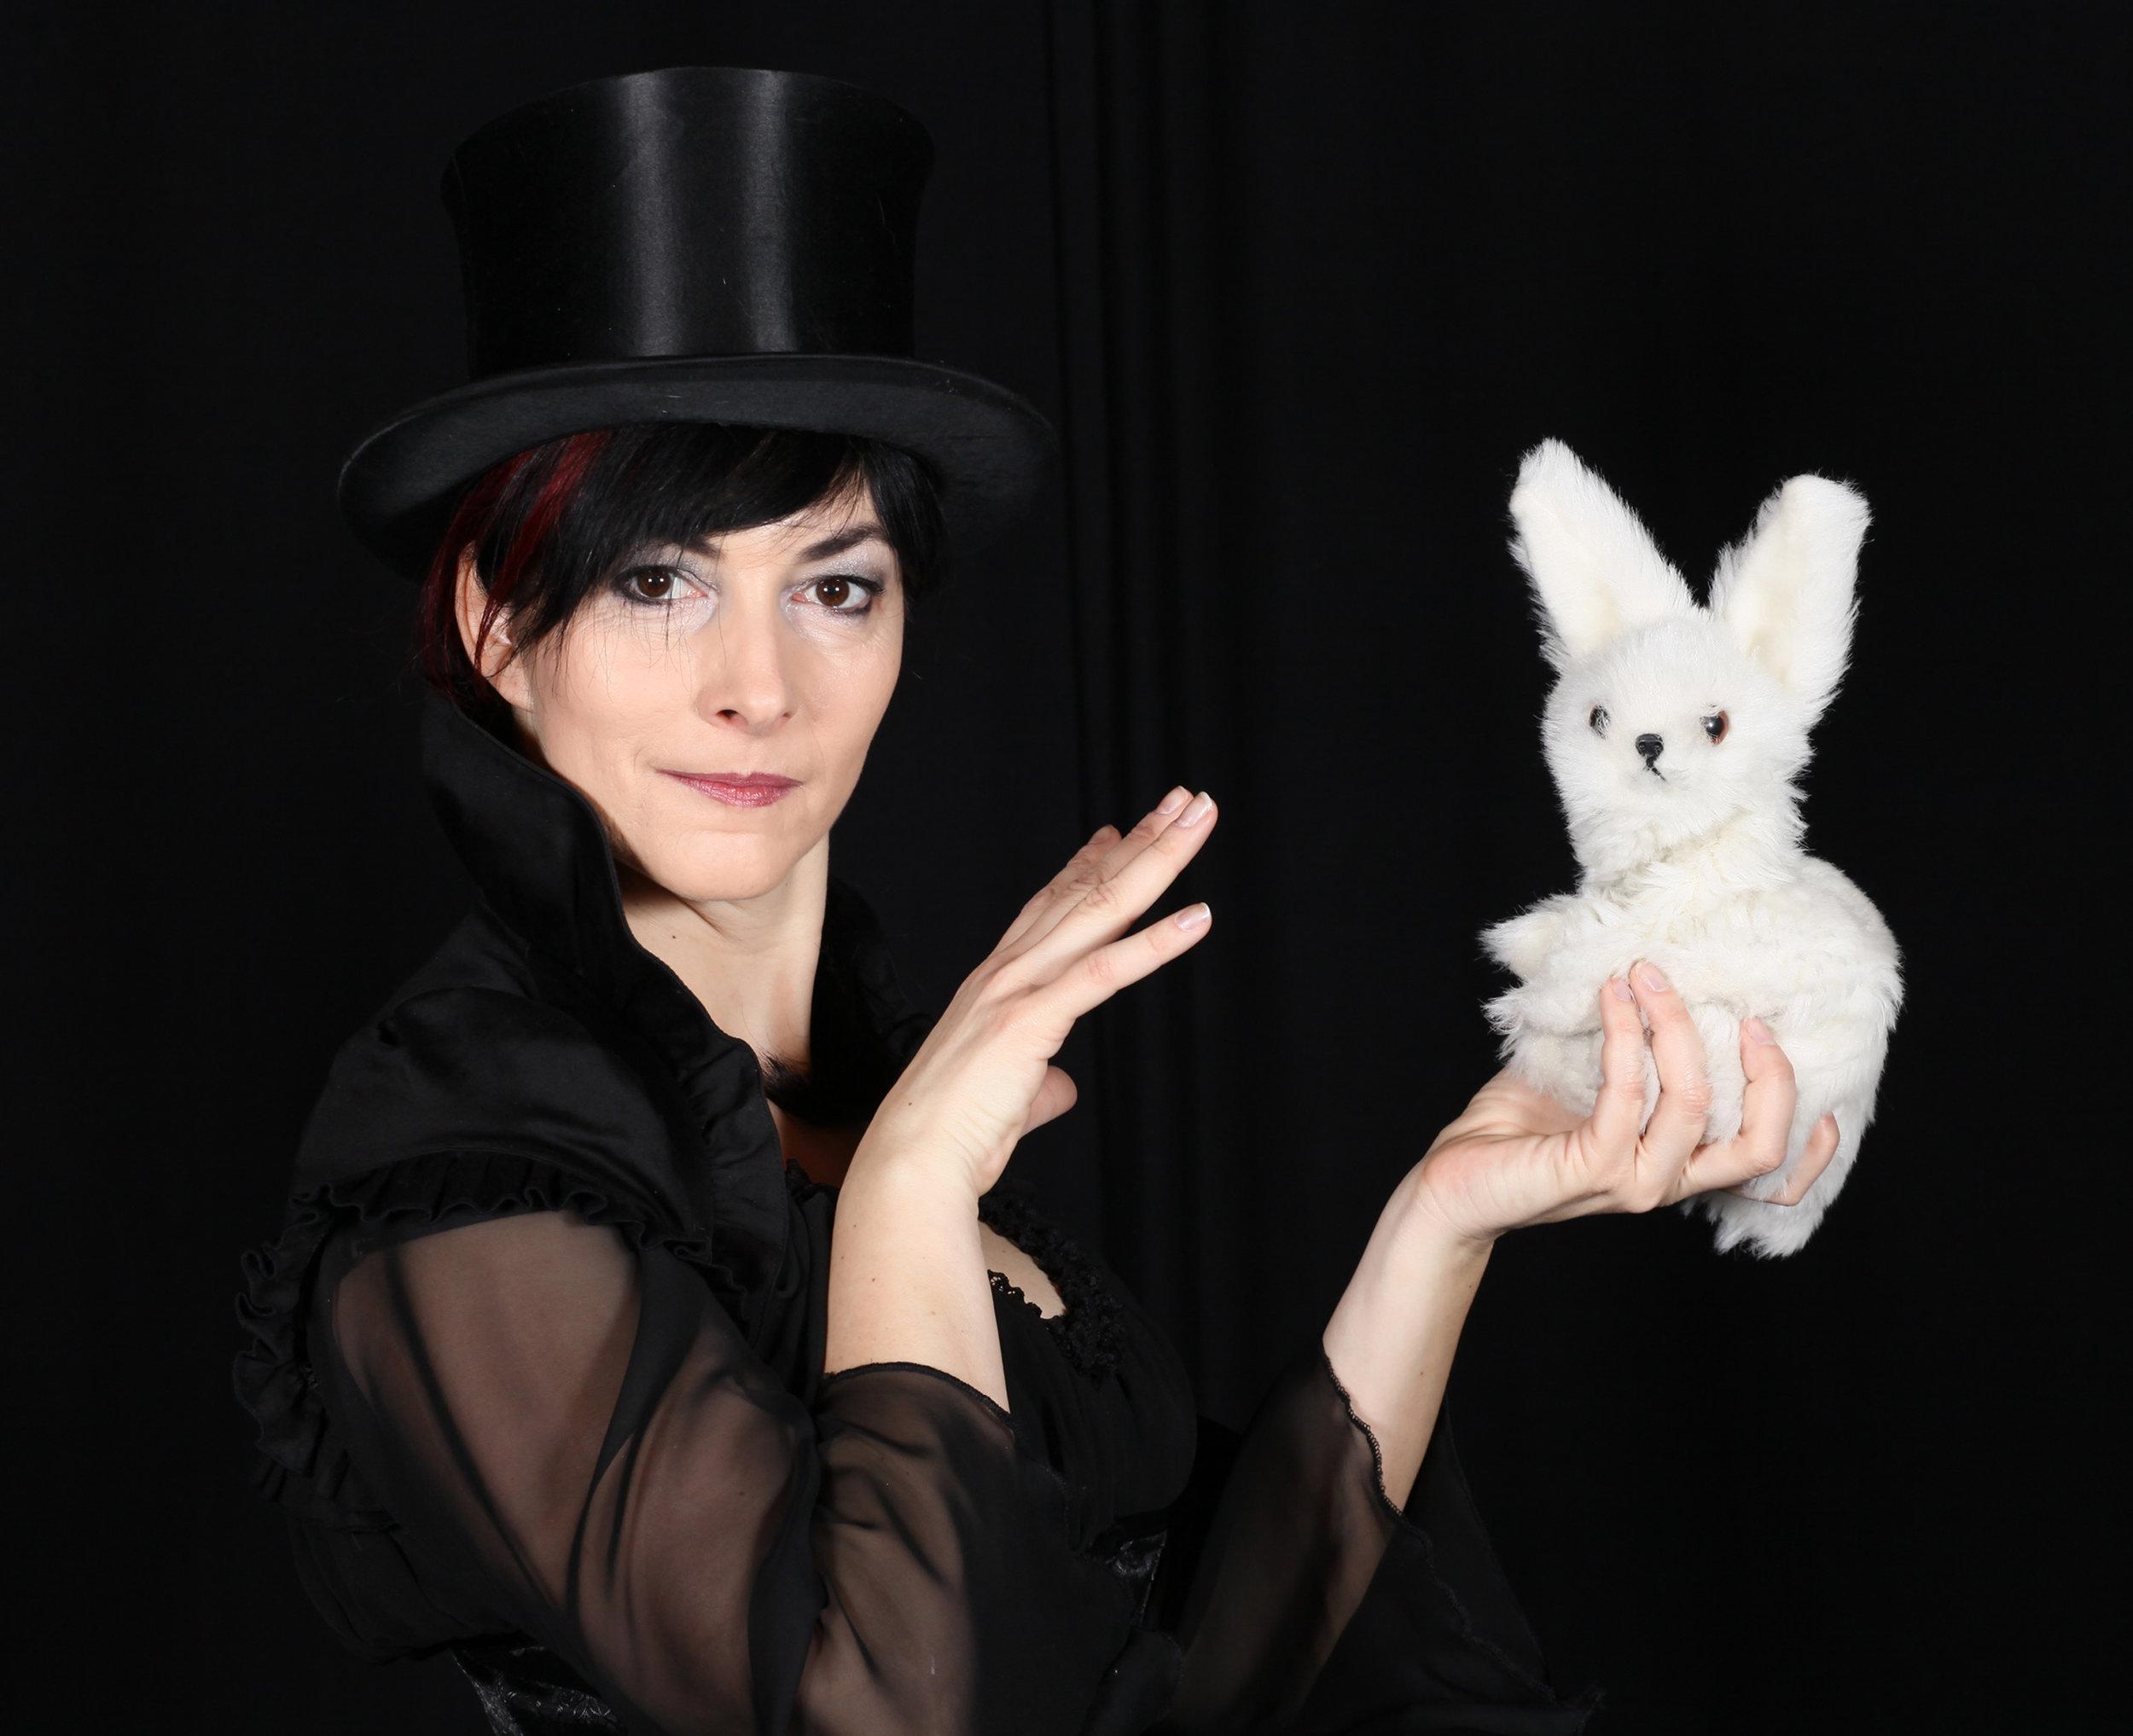 Michelle Spillner mit Kaninchen. Foto: Gerd Sycha